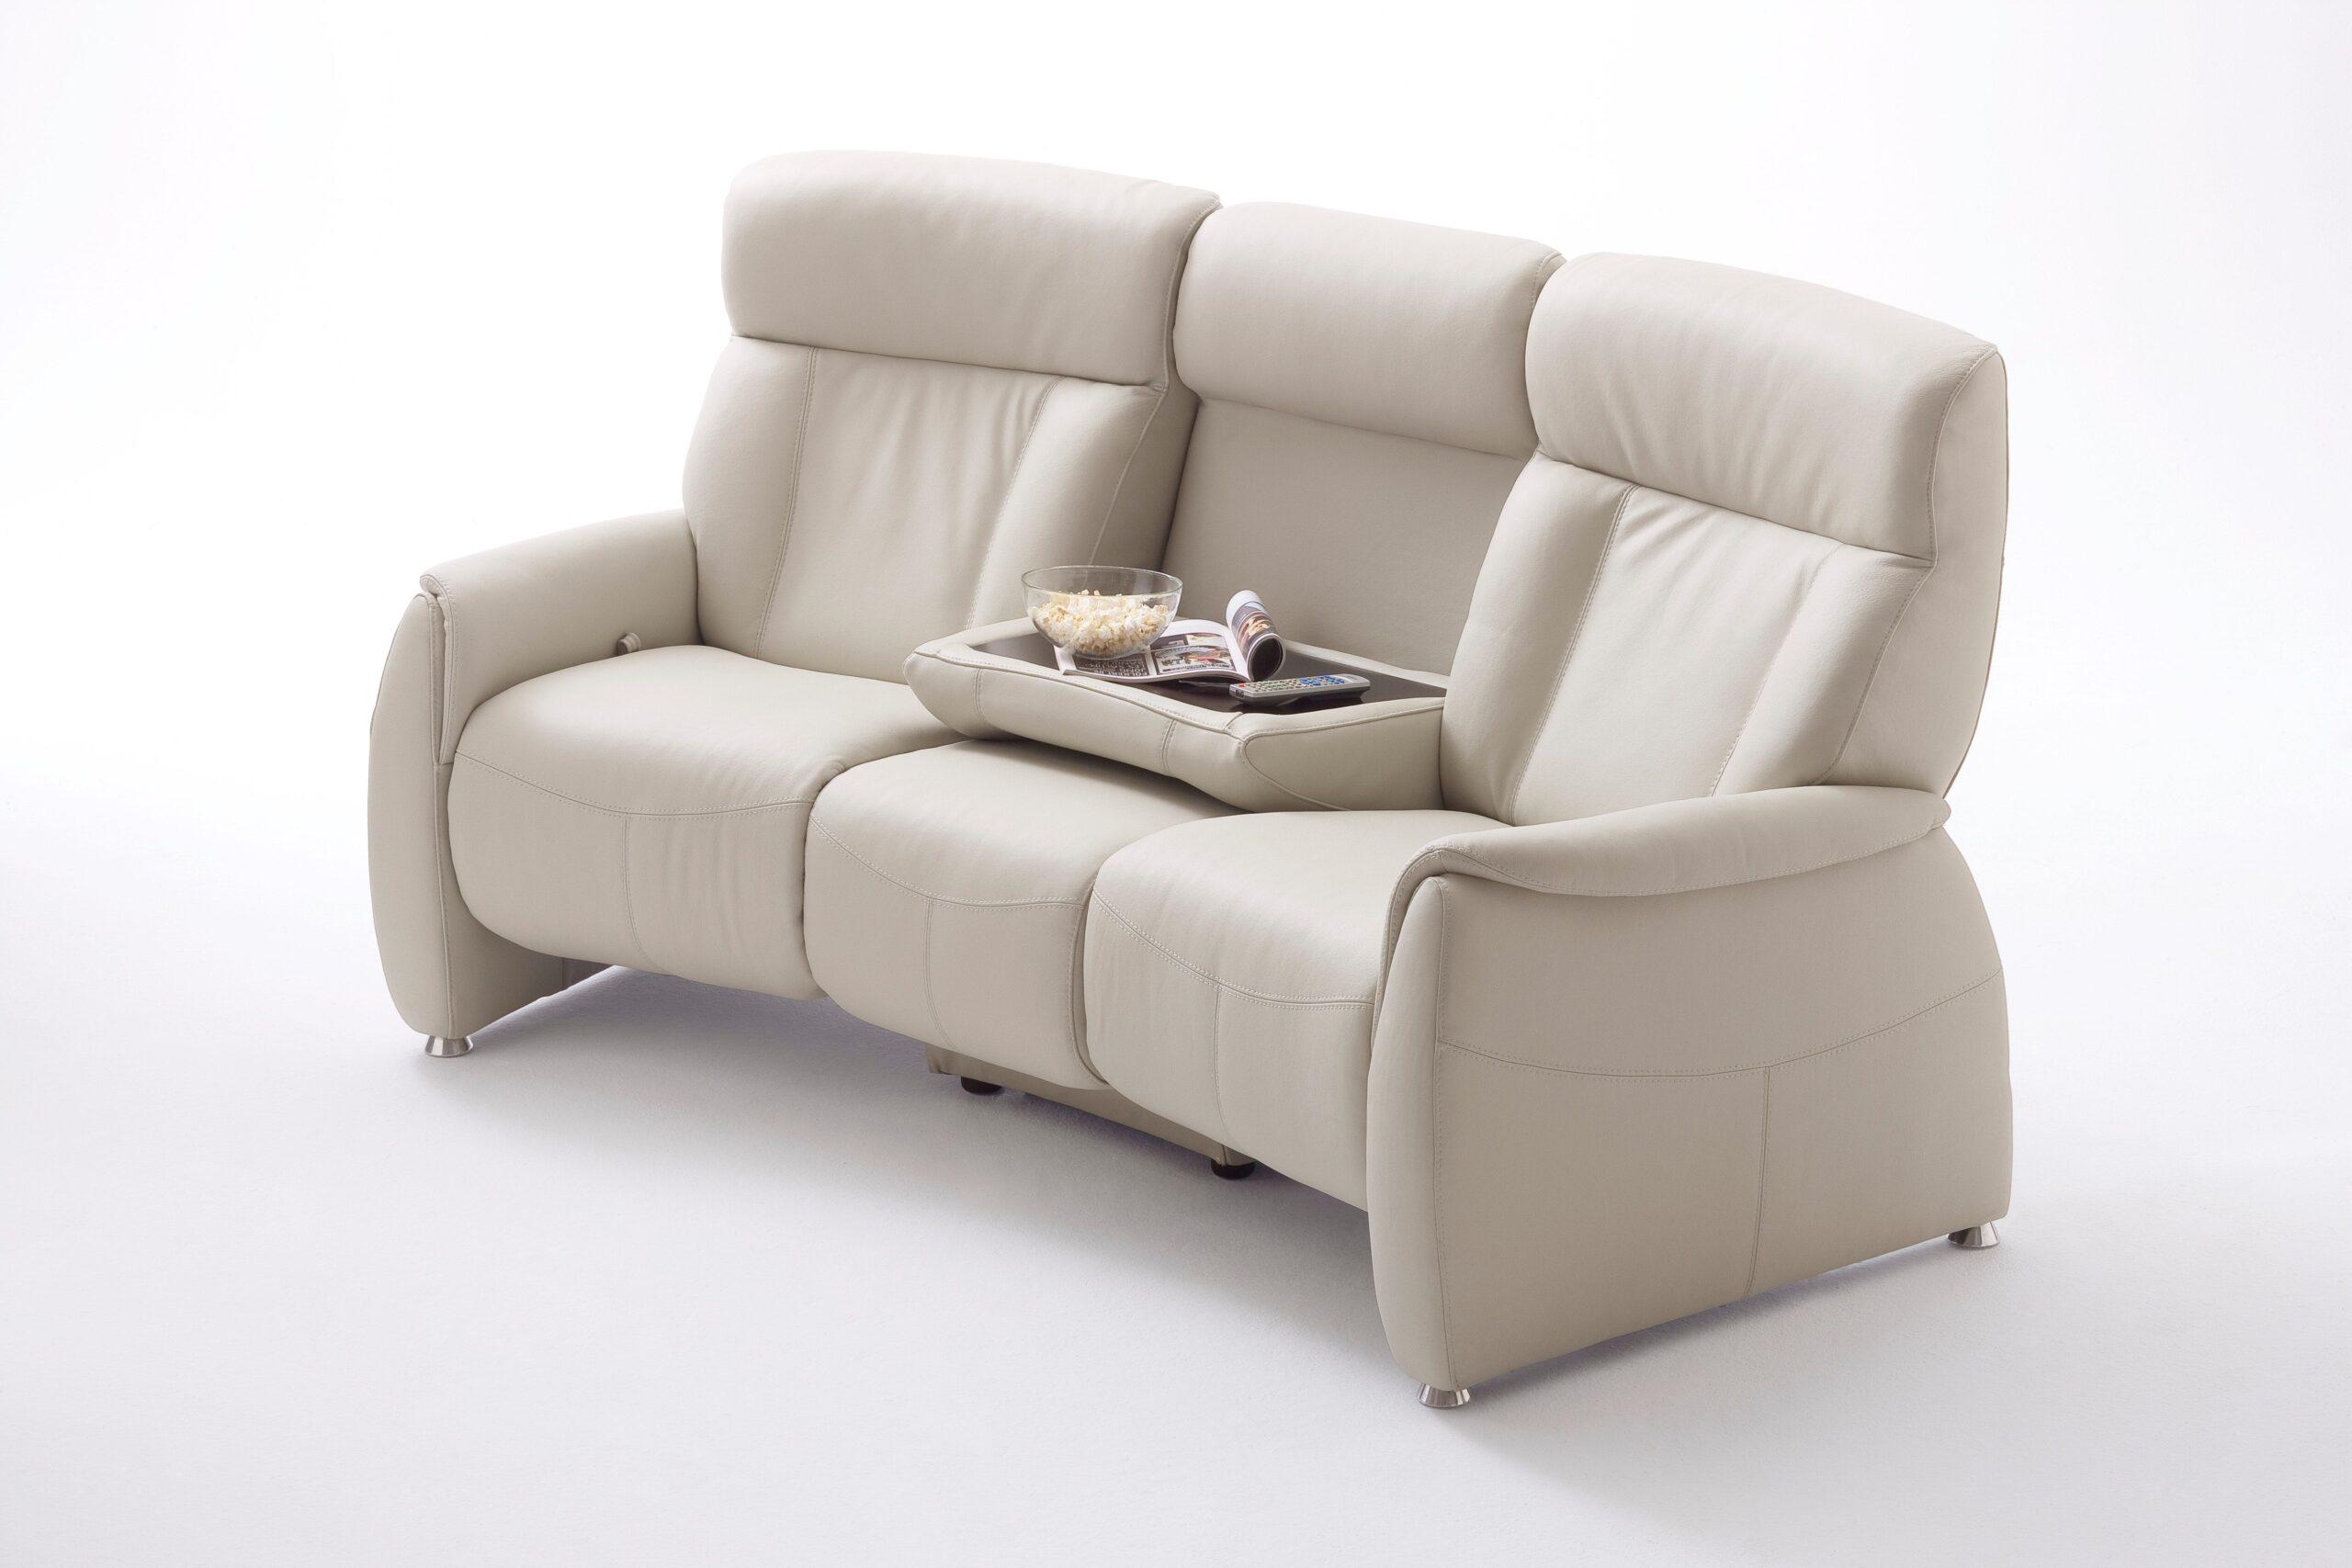 Full Size of 2 Sitzer Sofa Mit Relaxfunktion Elektrisch 3er Elektrischer 3 Couch Verstellbar Sitztiefenverstellung Leder Zweisitzer Test 5 2er Elektrische Ecksofa überwurf Sofa Sofa Mit Relaxfunktion Elektrisch